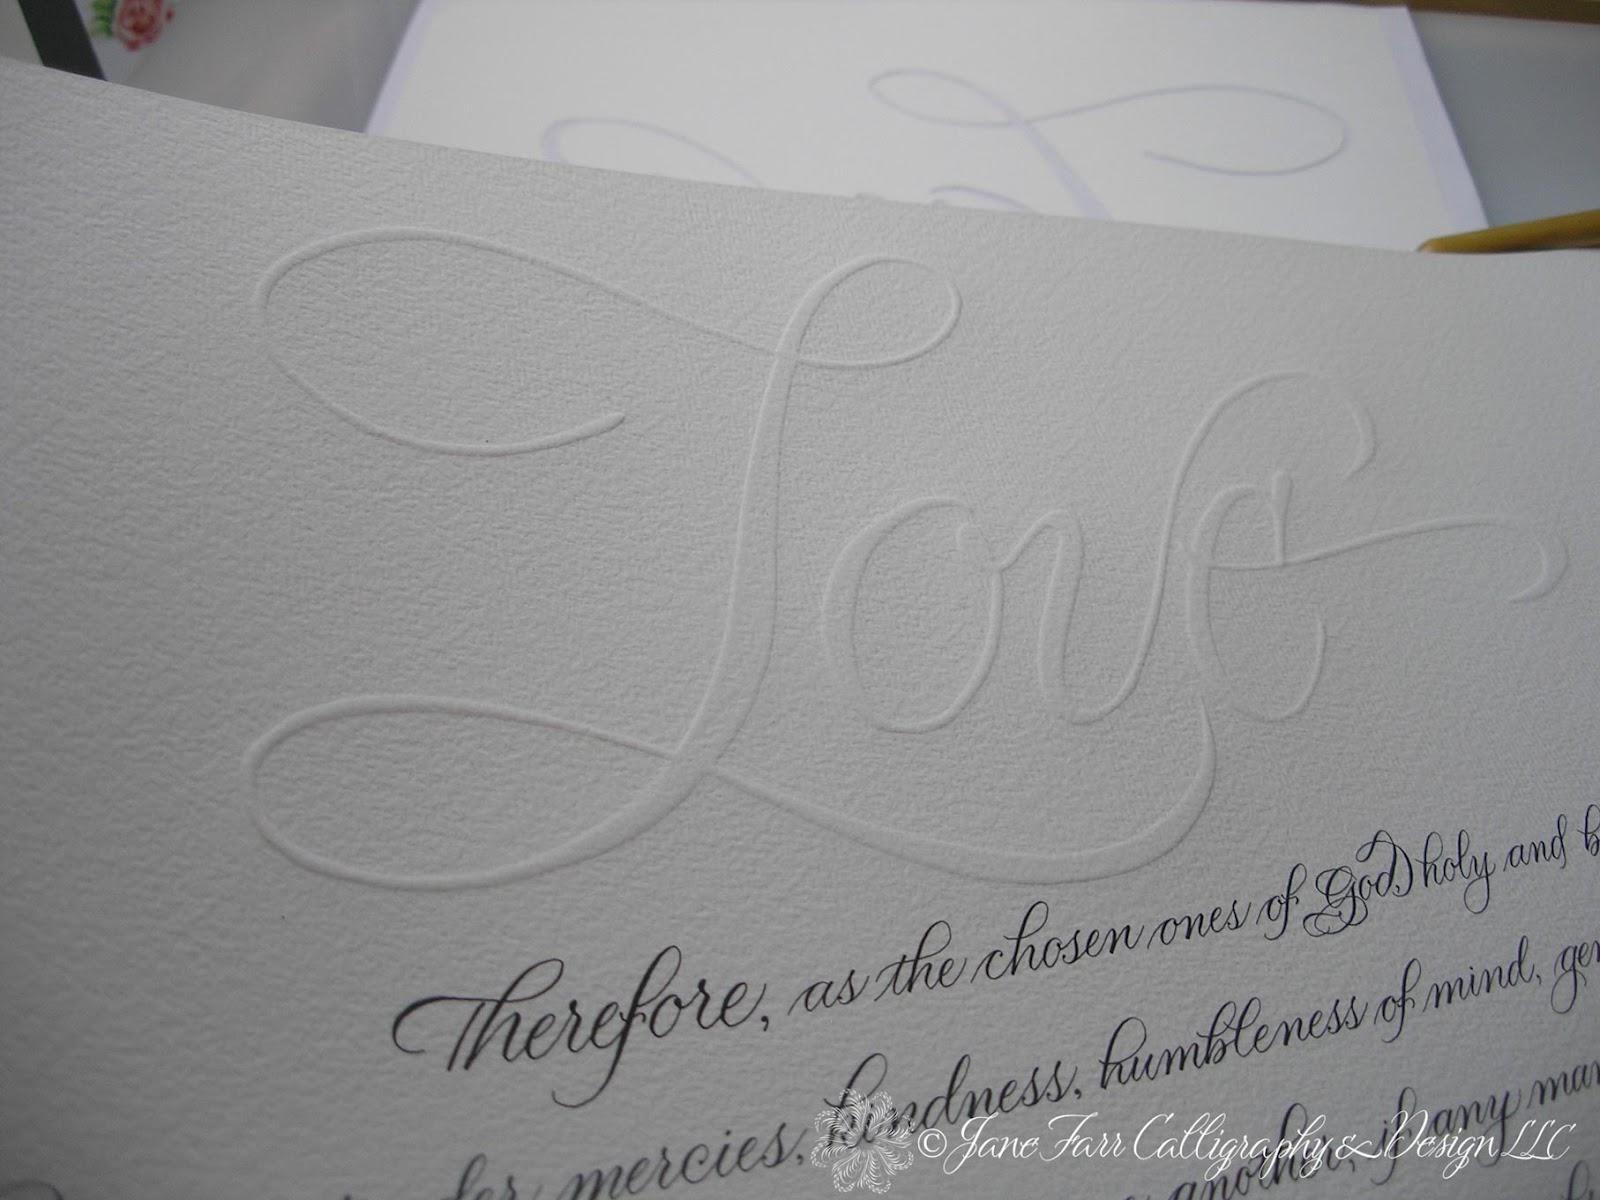 Choisir calligraphie pour la tatouage - Tatouage Lettre S Calligraphie